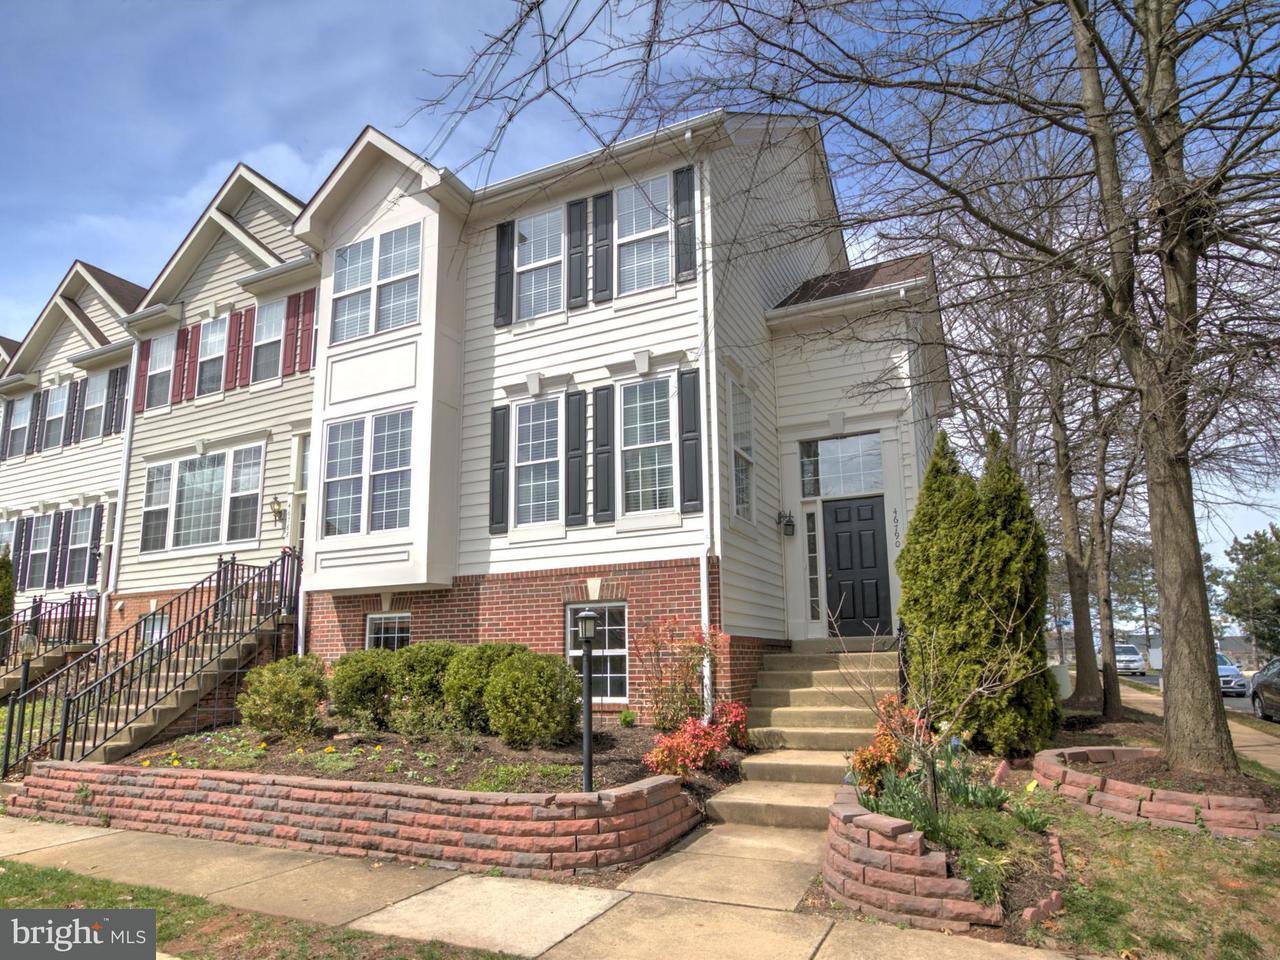 獨棟家庭住宅 為 出售 在 46790 Manchester Ter 46790 Manchester Ter Potomac Falls, 弗吉尼亞州 20165 美國